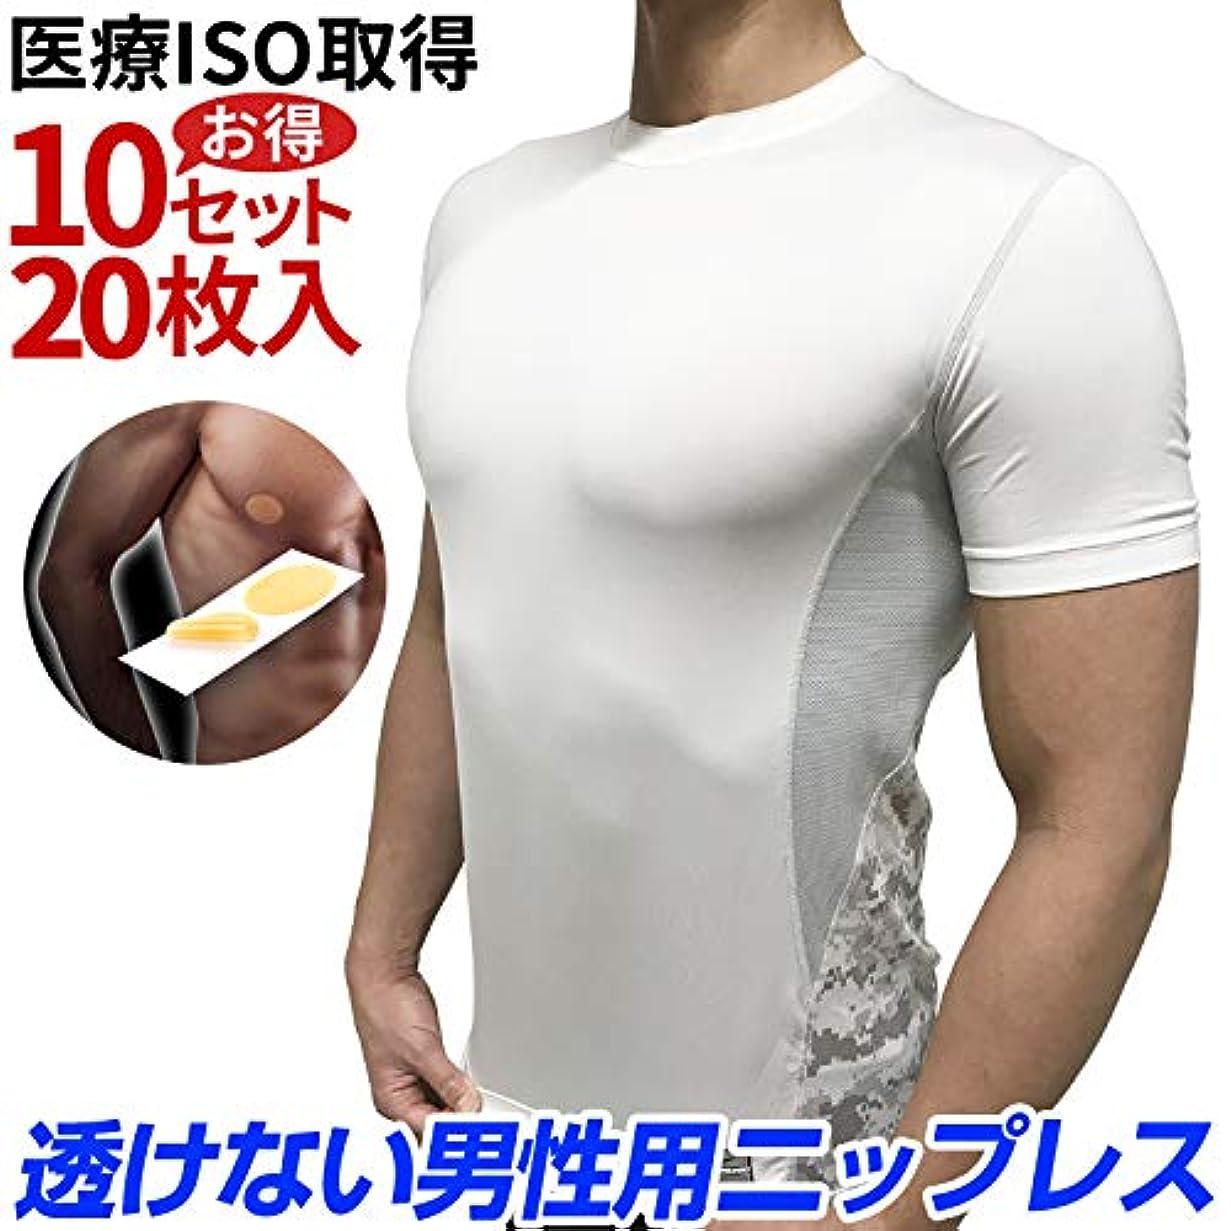 オセアニア伴う調べるニップレス 男性用 メンズ シール 1セット 20枚入り メンズニップレス ニプレス